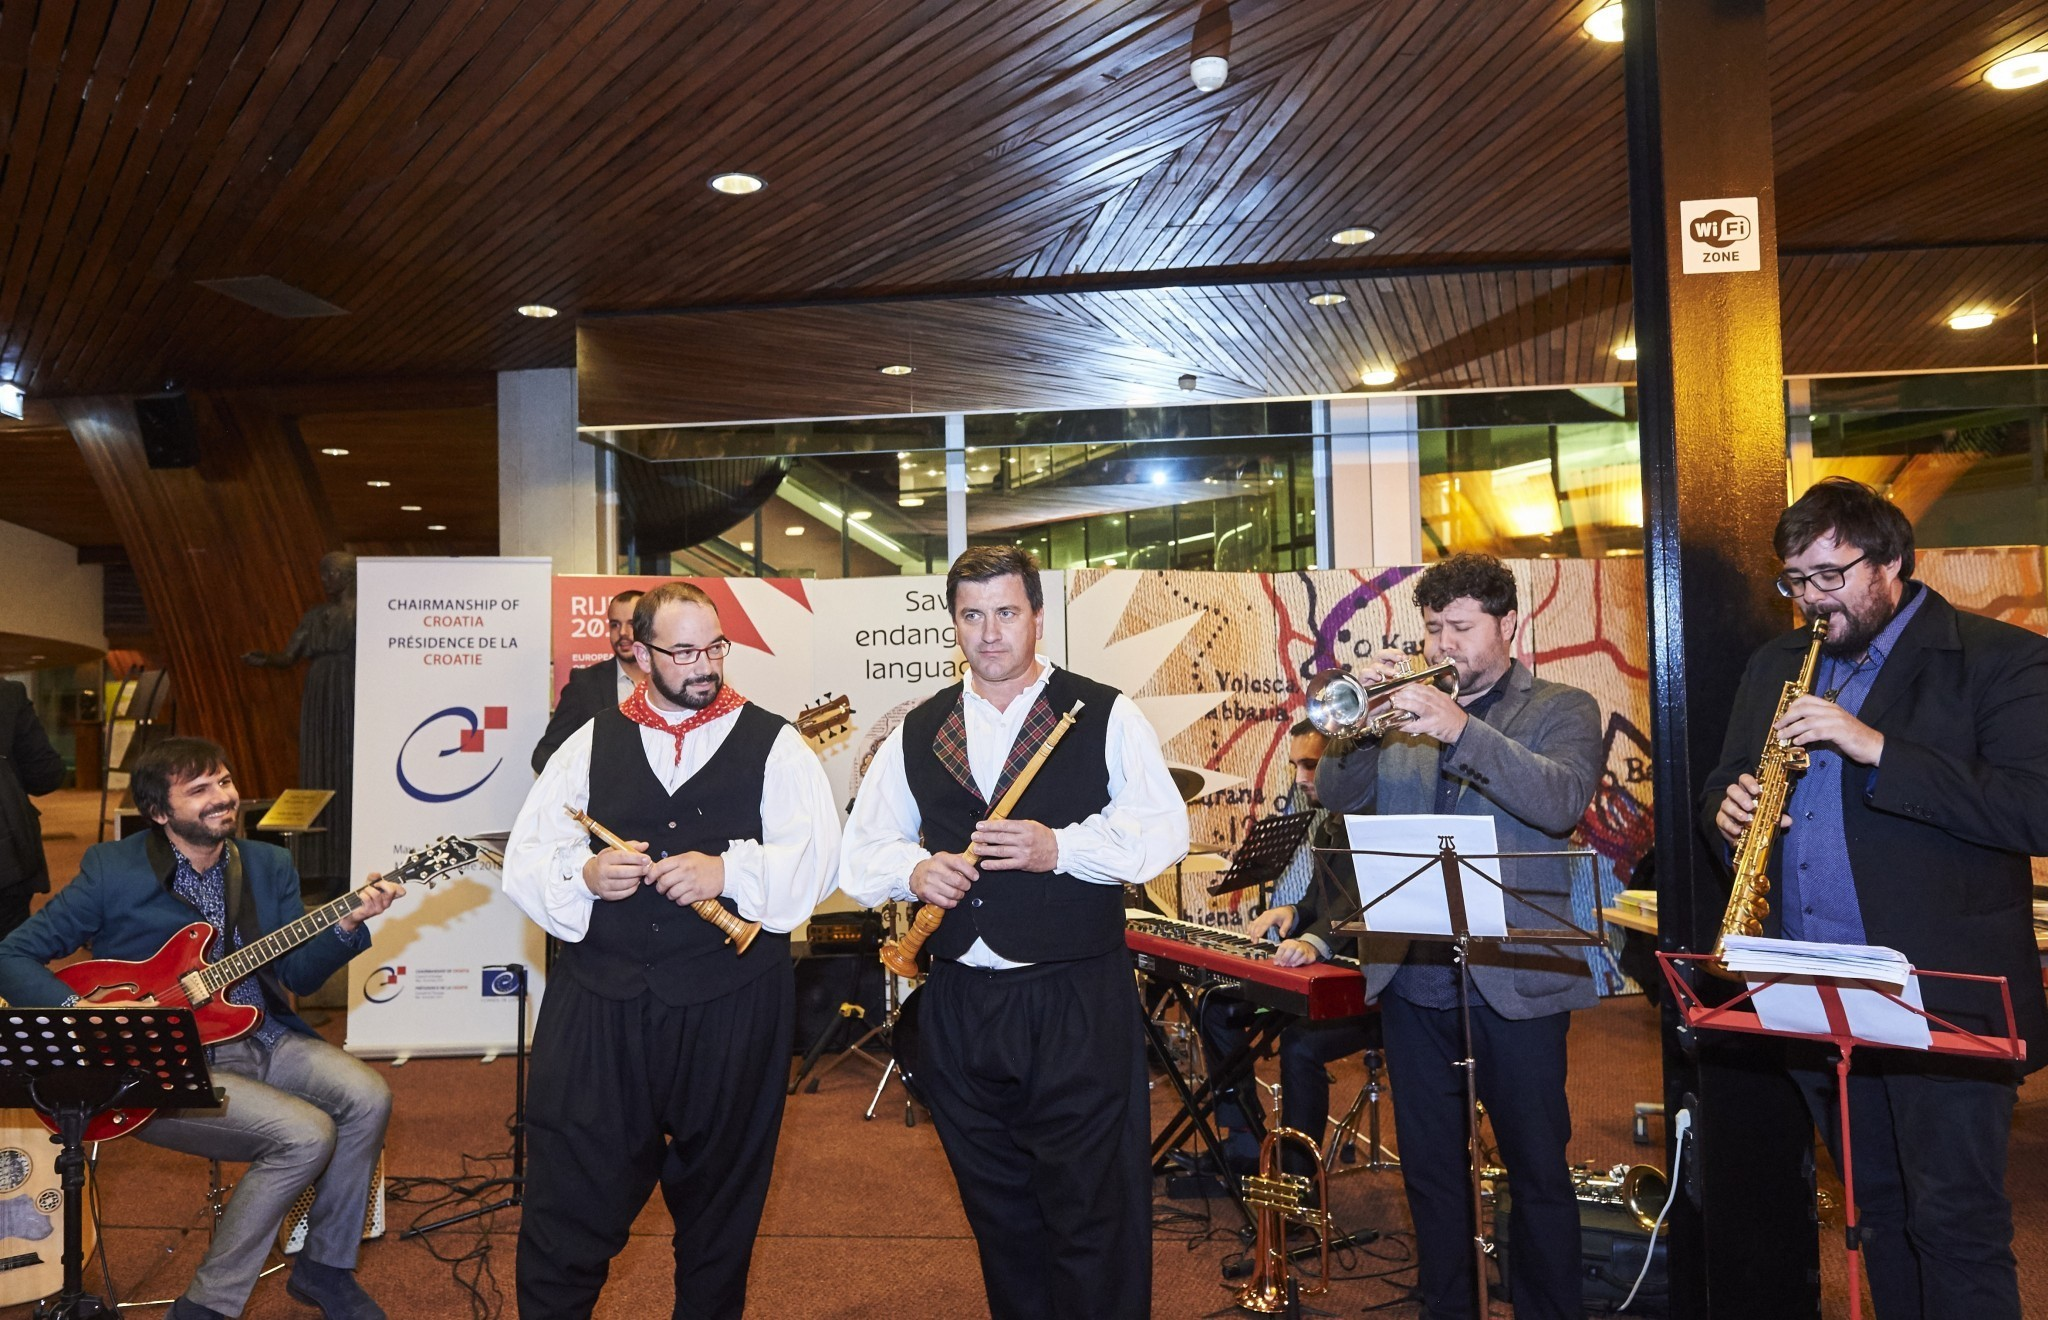 U Strasbourgu predstavljen projekt Rijeka 2020 – Europska prijestolnica kulture